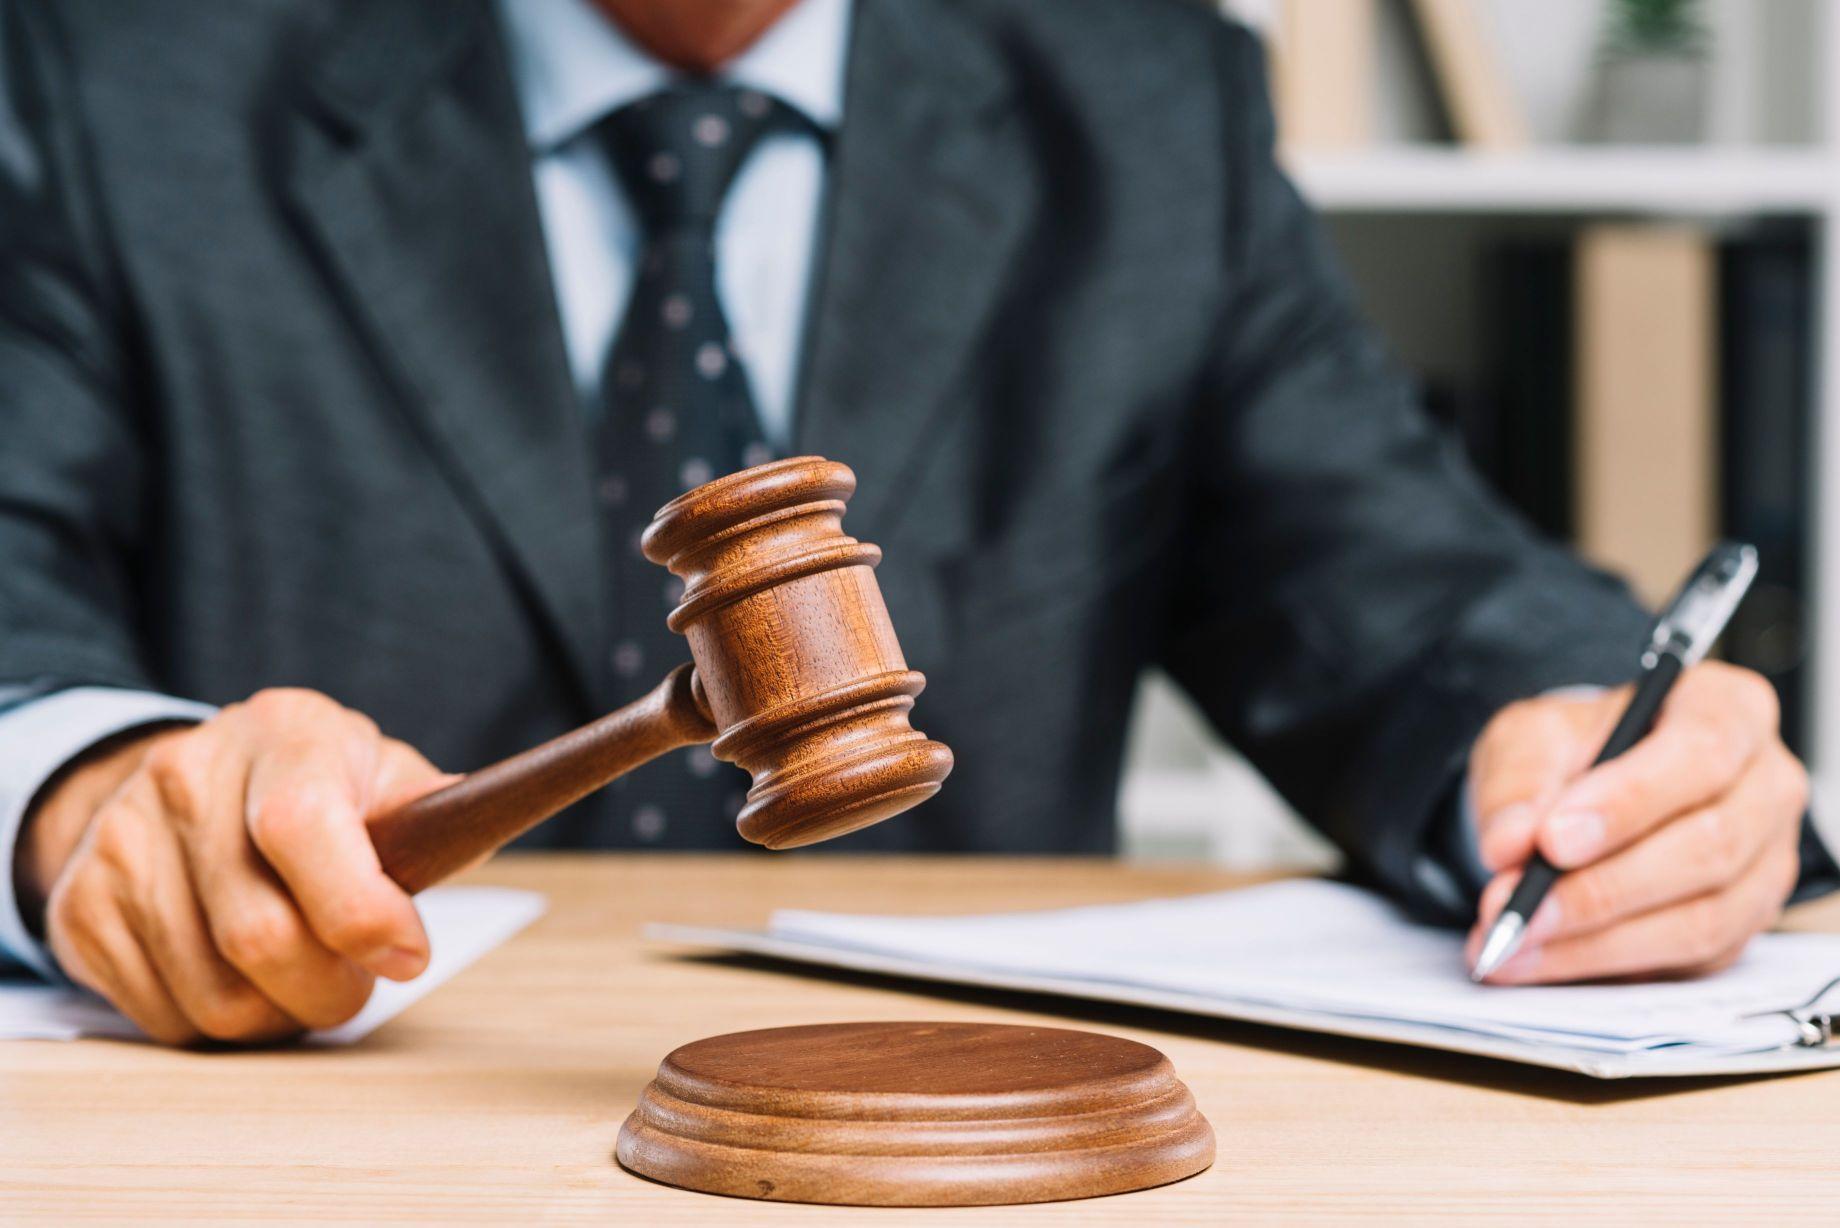 תמונה של שופט מזכה נאשם באשמת עבירה של בדיקת מאפיינים נהיגה בשכרות